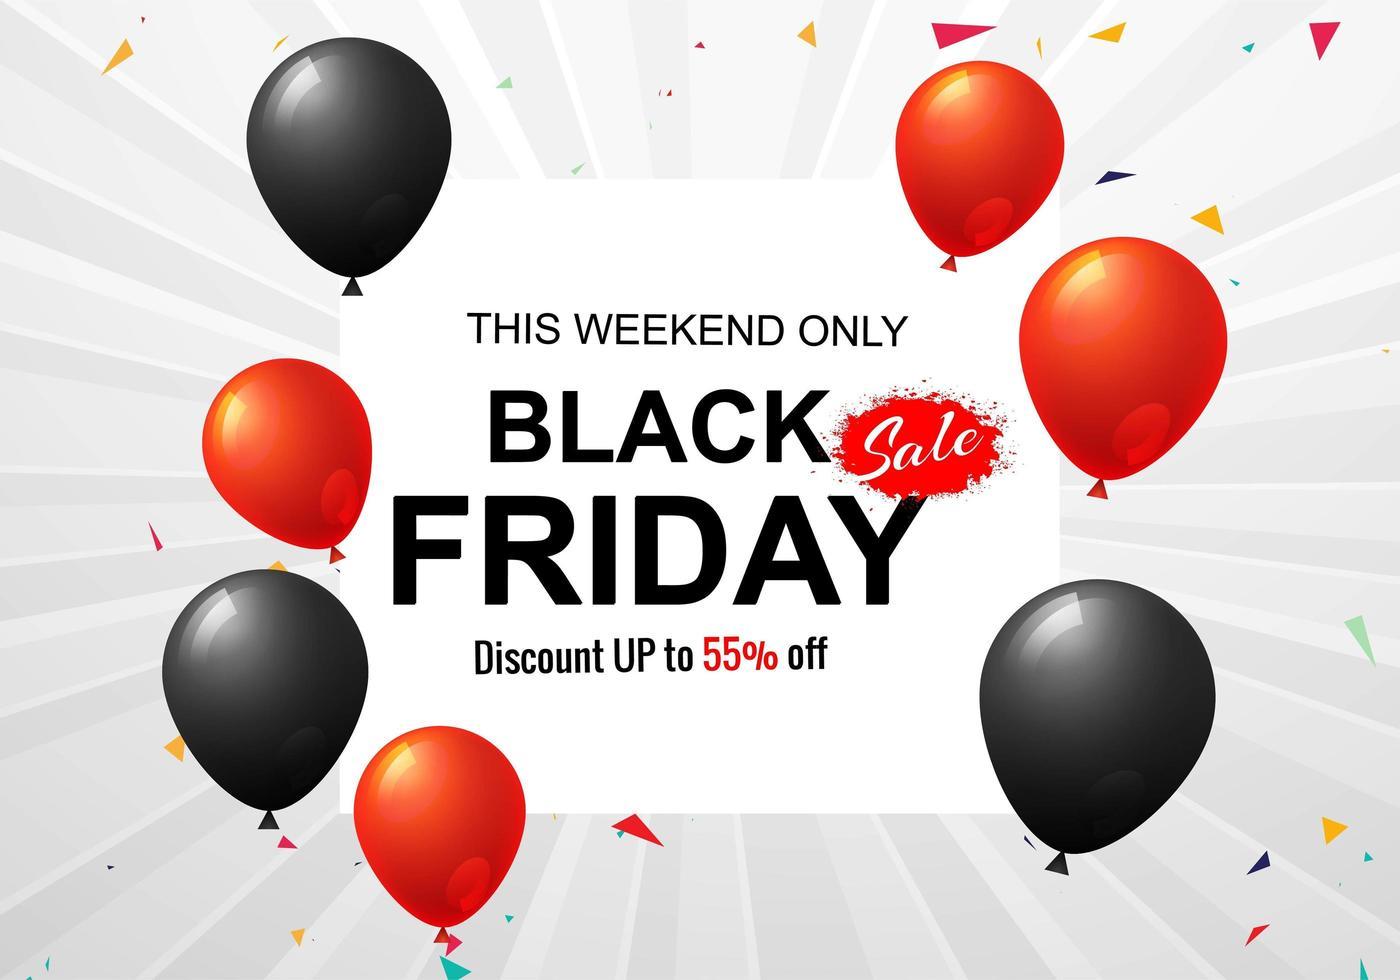 affiche de vente vendredi noir pour fond de ballons et de confettis vecteur